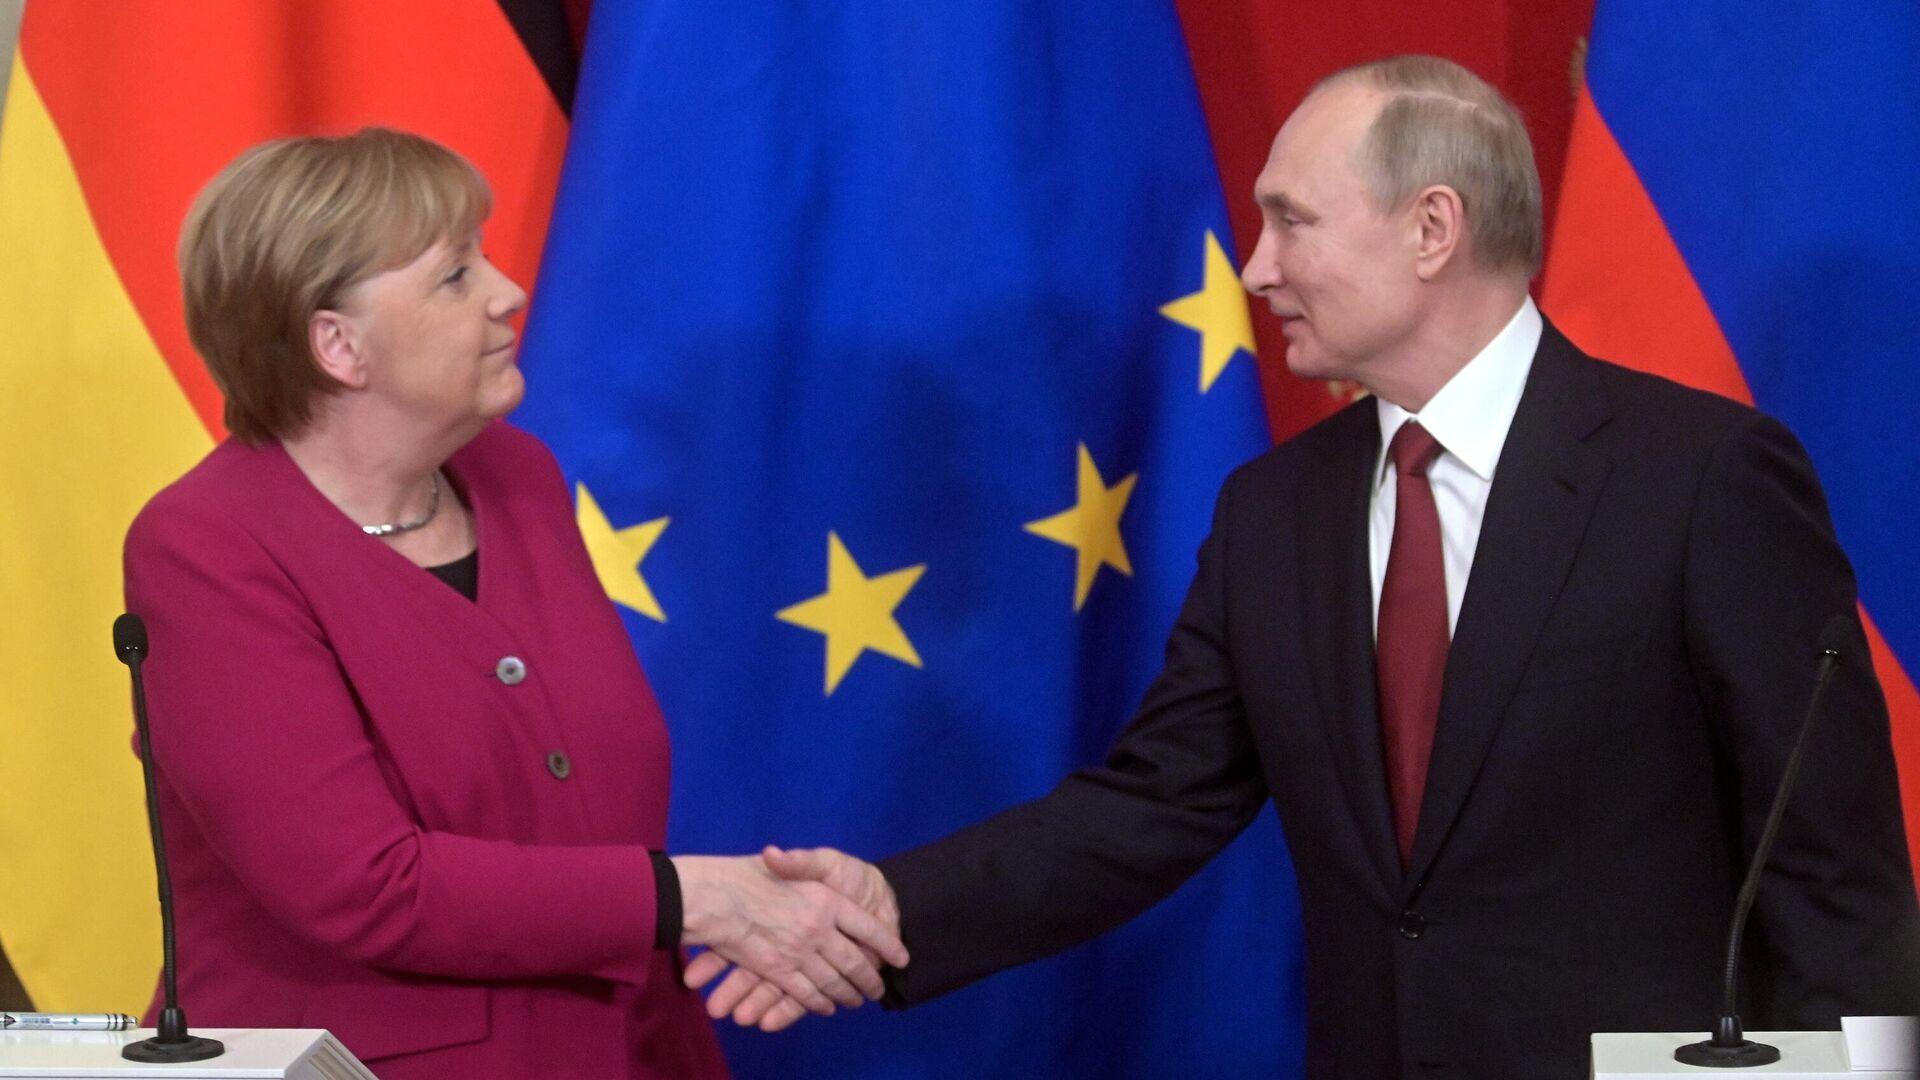 Политолог рассказал об ожиданиях от встречи Путина с Меркель